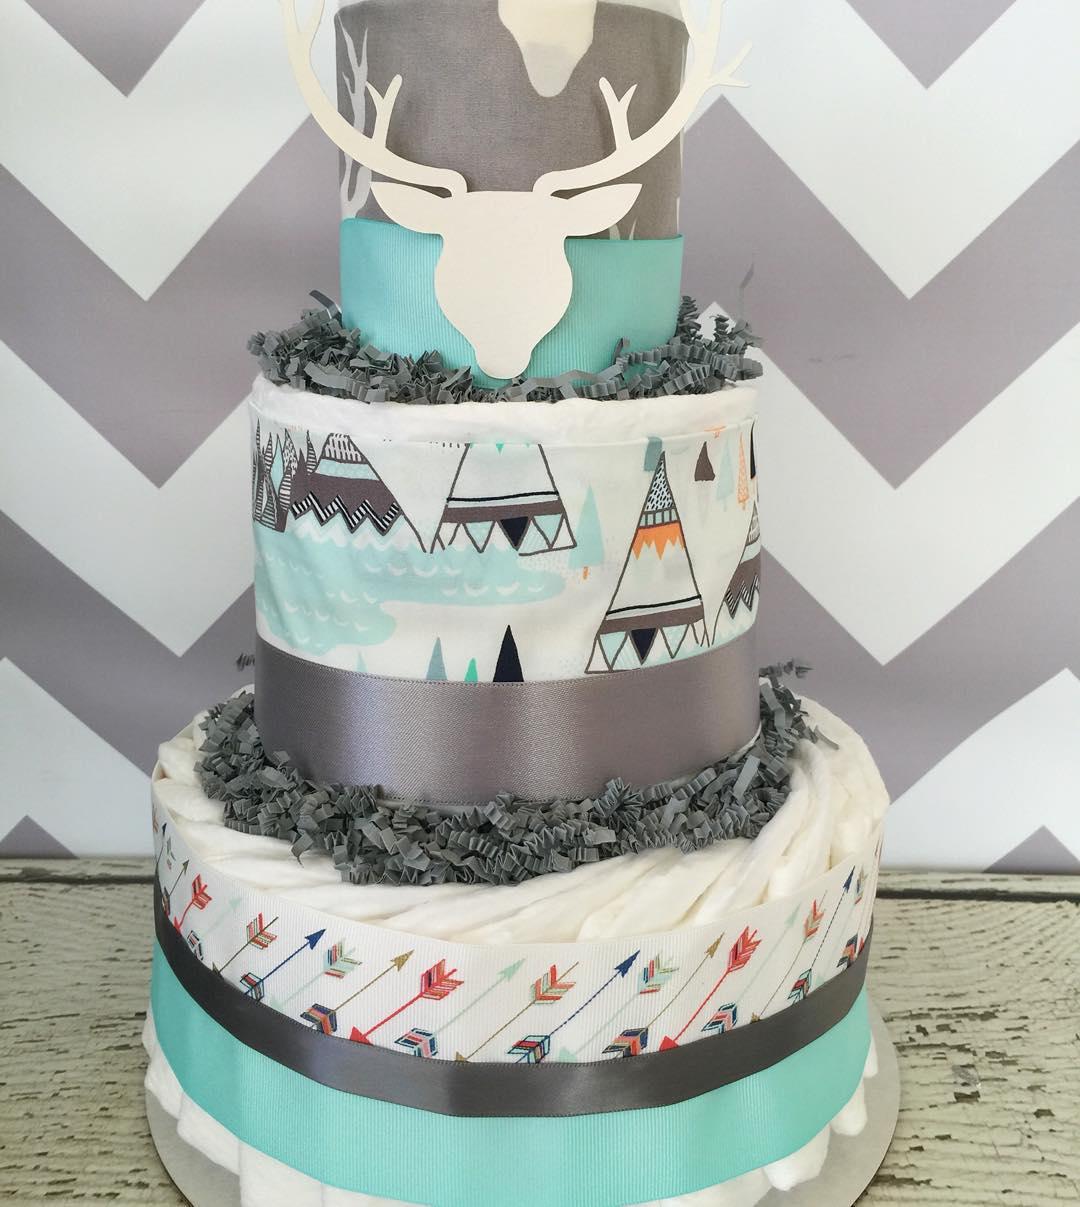 """Foto: Reprodução / <a href=""""https://www.instagram.com/p/BAsTmF4AC3L/"""" target=""""_blank"""">All diaper cakes</a>"""